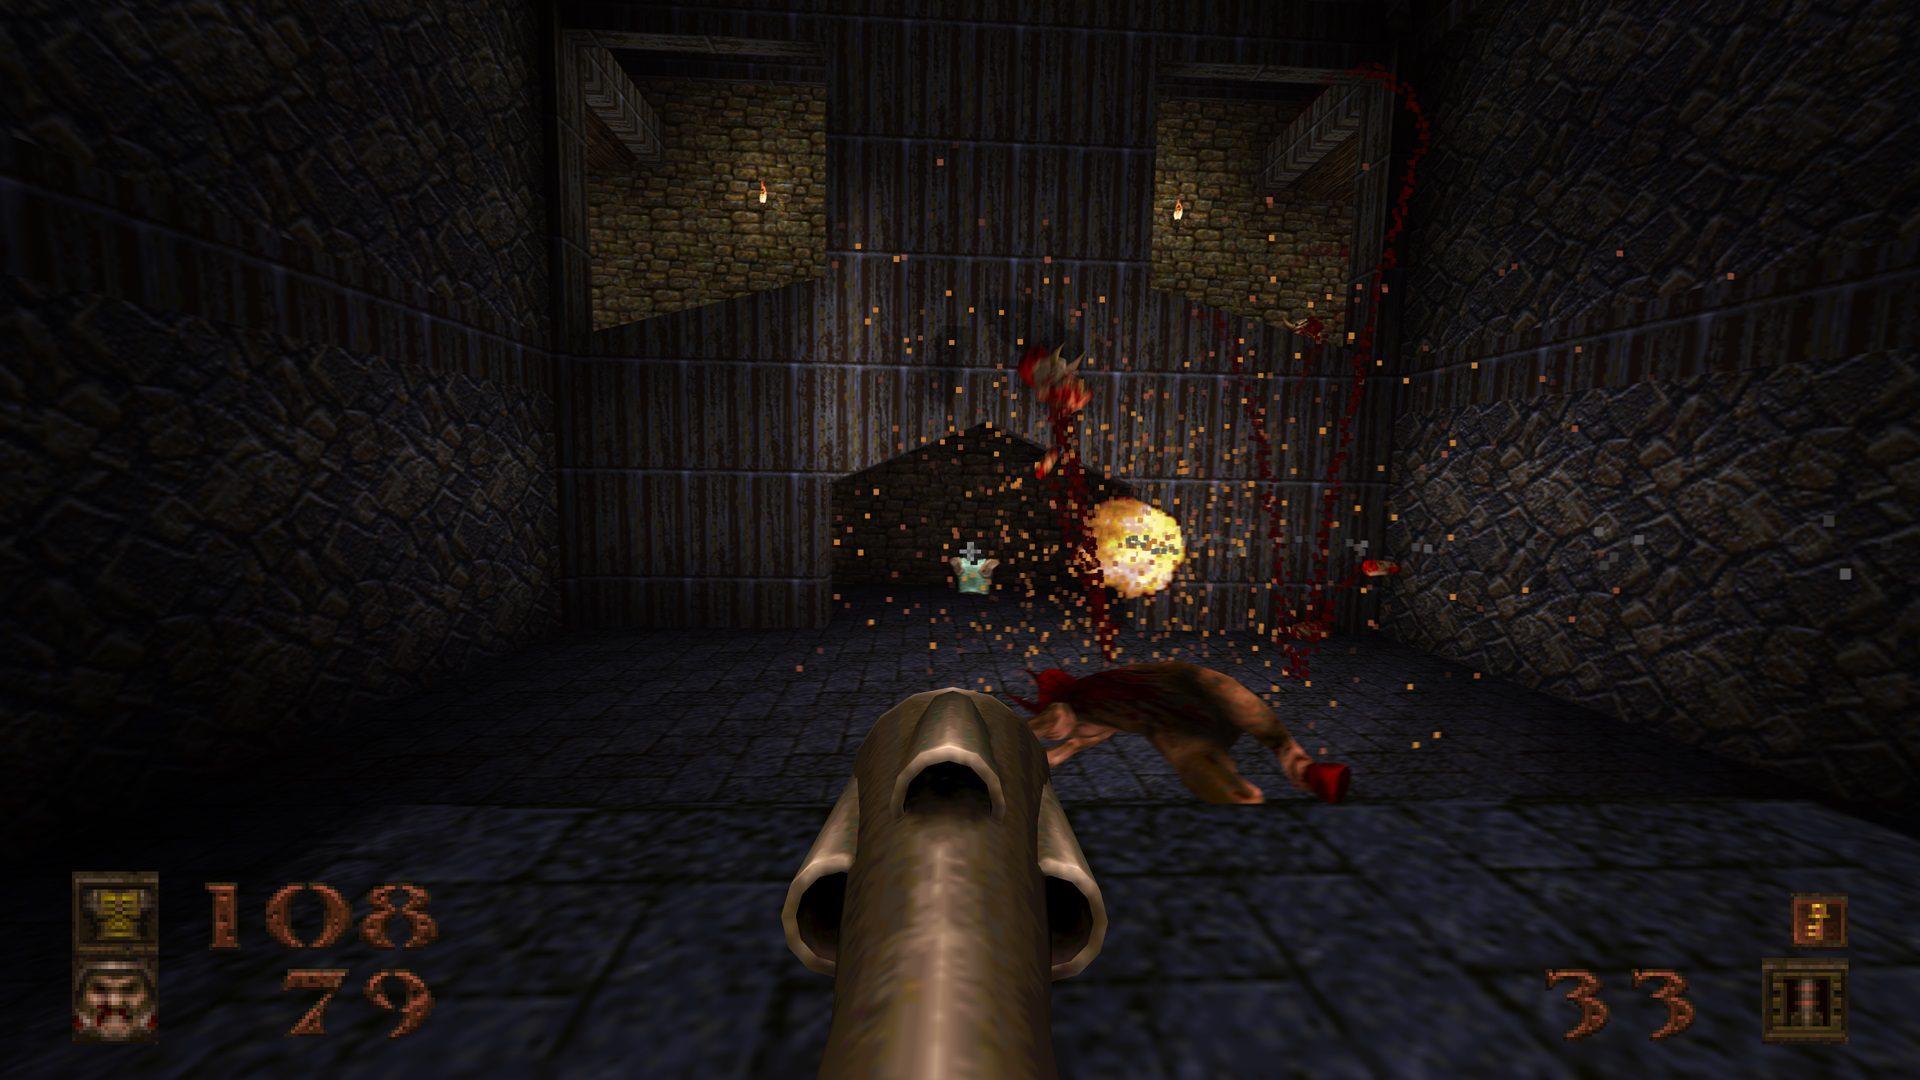 Análisis de Quake Remastered - Si DOOM es el rey, Quake es el príncipe de los shooters y ha vuelto de entre los muertos con una gran remasterización.